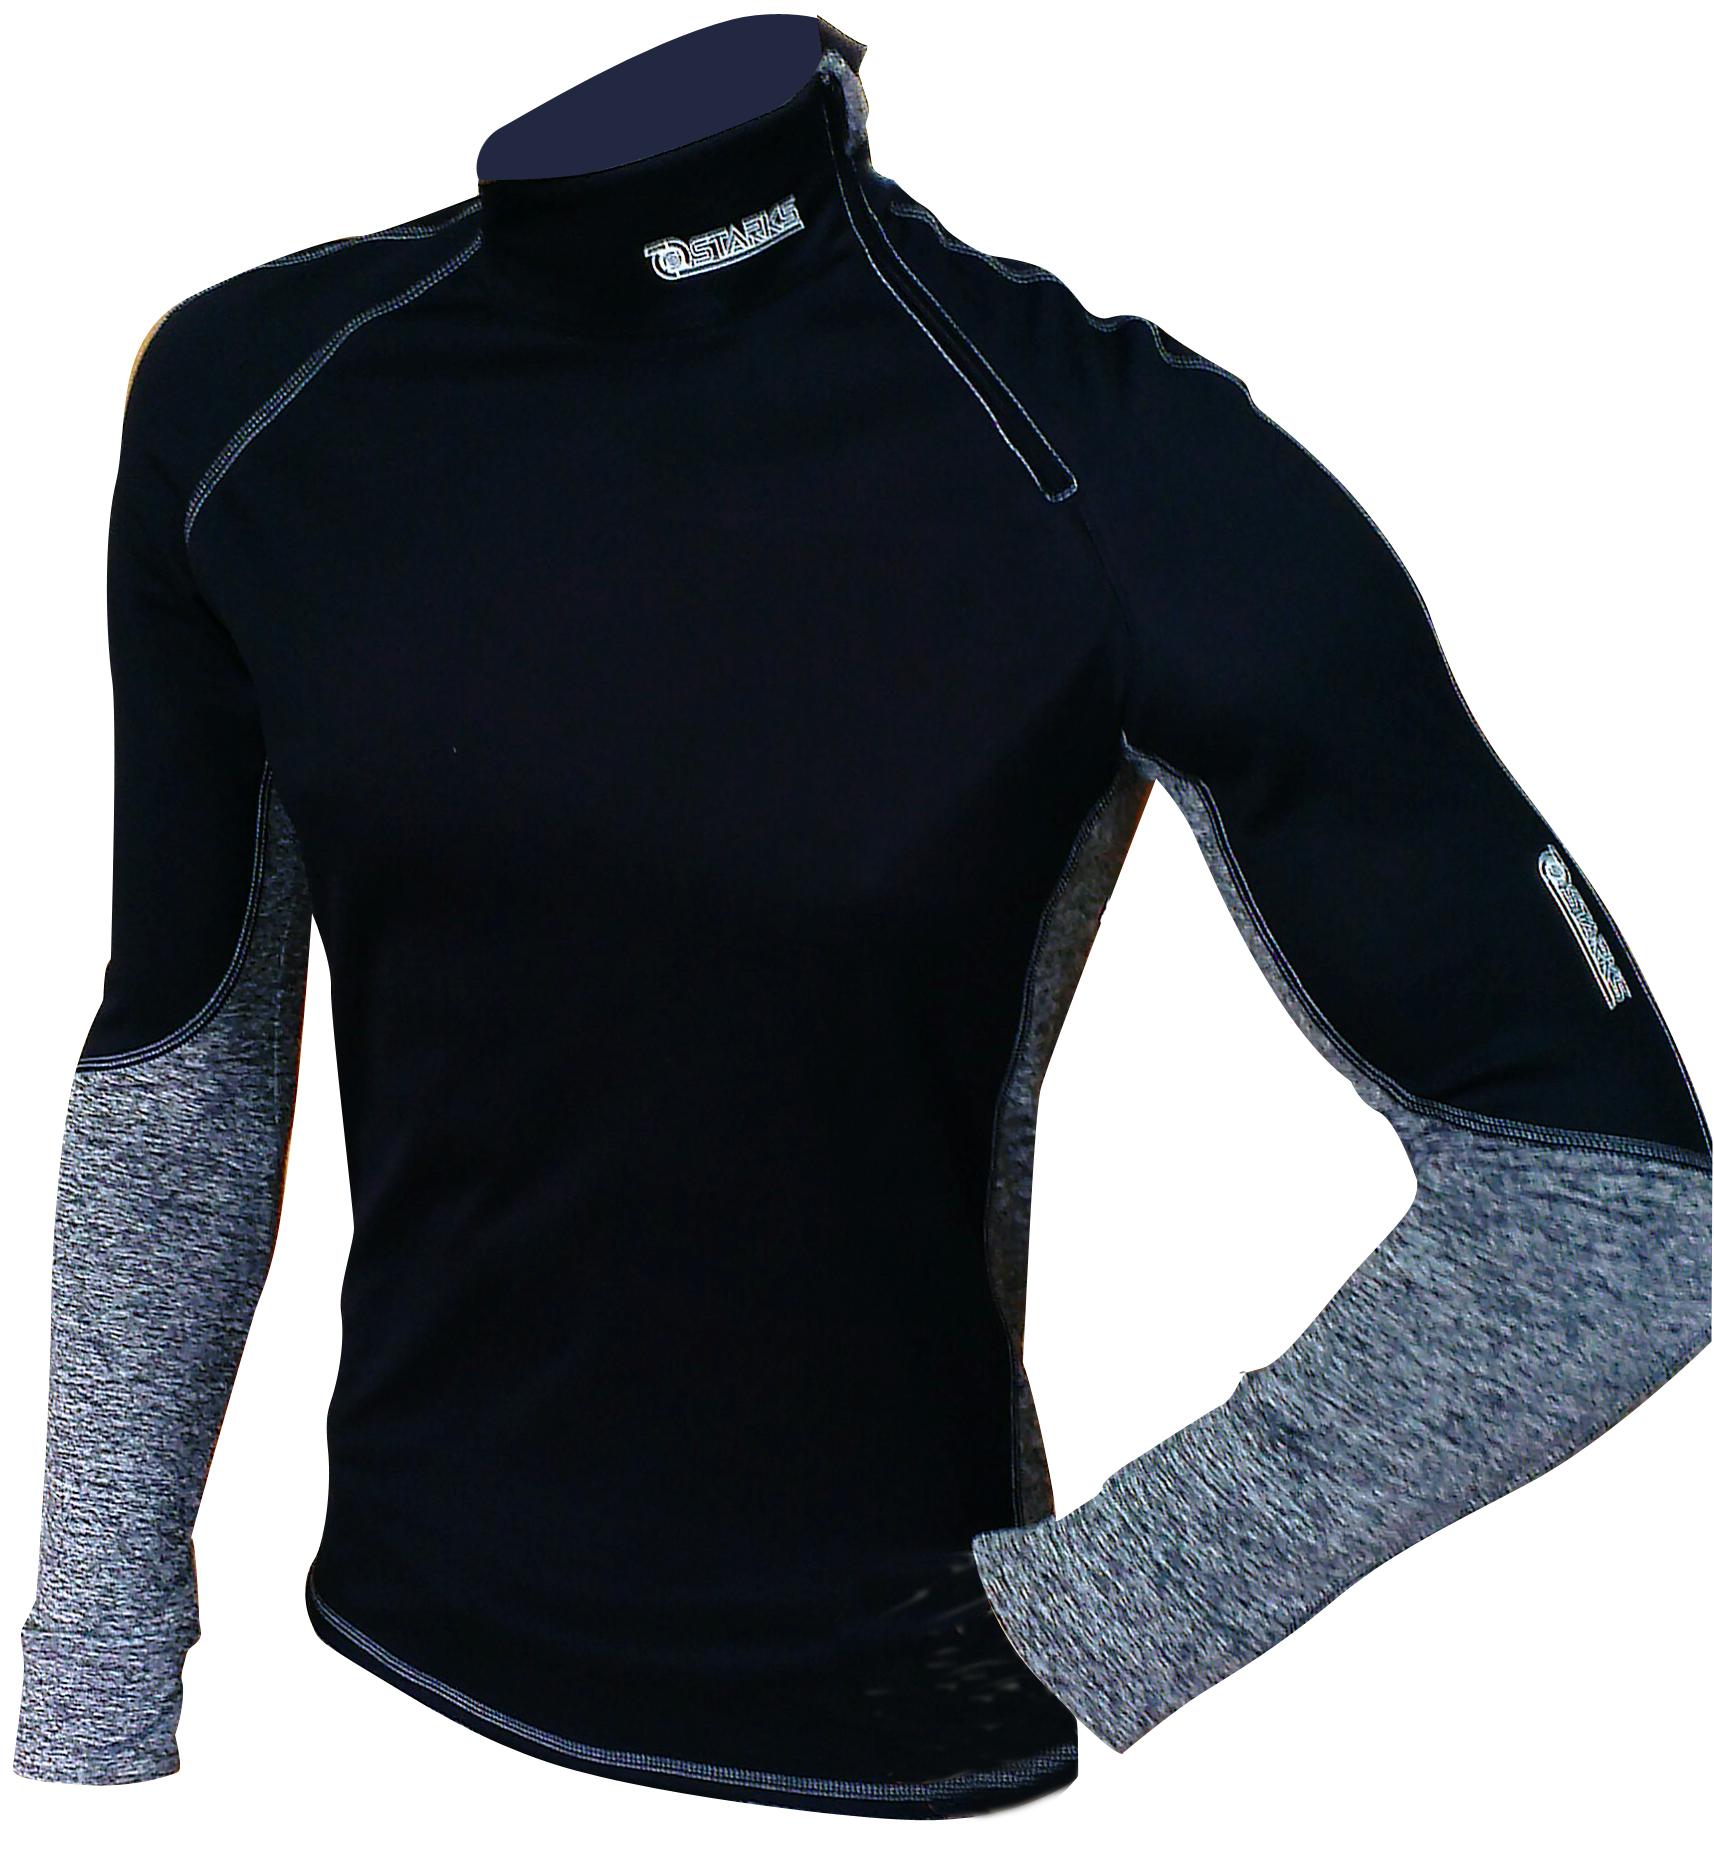 Термобелье кофта Starks Warm Extreme, зимняя, цвет: черный, серый. ЛЦ0012. Размер Lone116Высокотехнологичное термобелье Starks Warm Extreme гарантированно на 100% не пропускает ветер, хорошо тянется и выпускает влагу наружу.Белье рекомендуется для использования не только спортсменам зимних видов спорта, но и парашютистам, мотоциклистам, велосипедистам - всем, кто испытывает дискомфорт при сильном ветре, повышенной влажности. Анатомическое, выполнено из европейской сертифицированной ткани PolarStretch и WindStopper. Высокие эластичные свойства материала позволяют белью максимально повторять индивидуальную анатомию тела. Отличные влагоотводящие свойства, позволяют телу оставаться сухим. Термоизоляционные свойства, позволяют исключить переохлаждение или перегрев. Воротник стойка обеспечивает защиту шеи от холода. Застежка-молния обеспечивает легкое одевание кофты.Особенности: - Stop Bacteria - ткань с ионами серебра, предотвращает образование и развитие бактерий. Исключено образование запаха.-Защита от перегрева или переохлаждения.-Система мягких и плоских швов.-Гипоаллергенно. Состав: 92% полиэстер, 8% эластан.